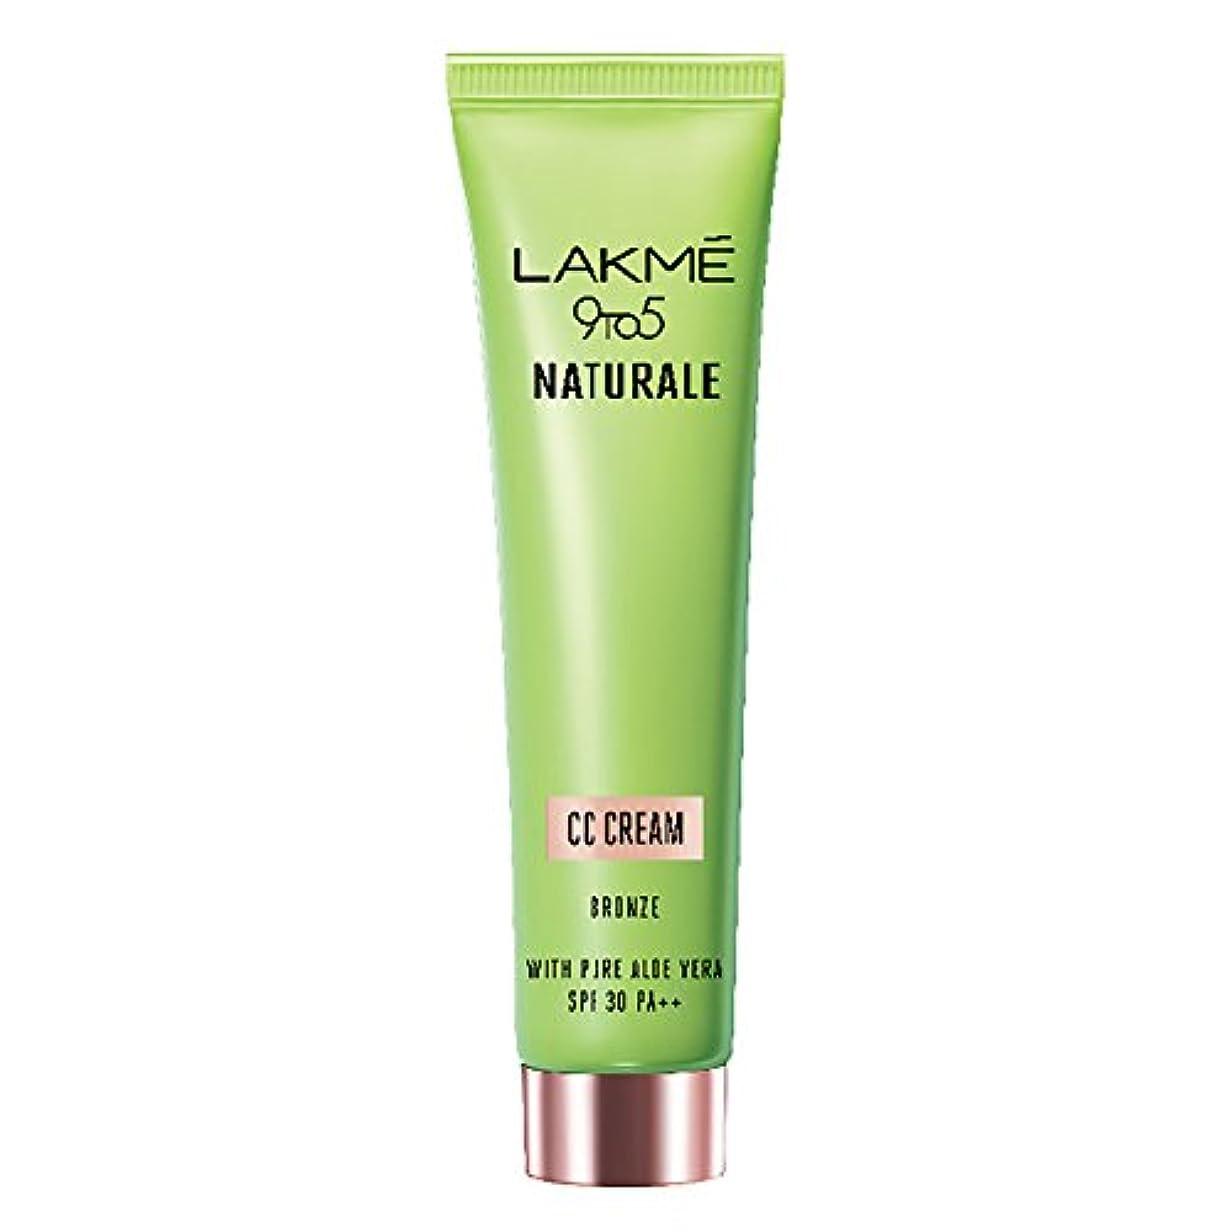 つづり探偵カビLakme 9 to 5 Naturale CC Cream, Bronze, 30g